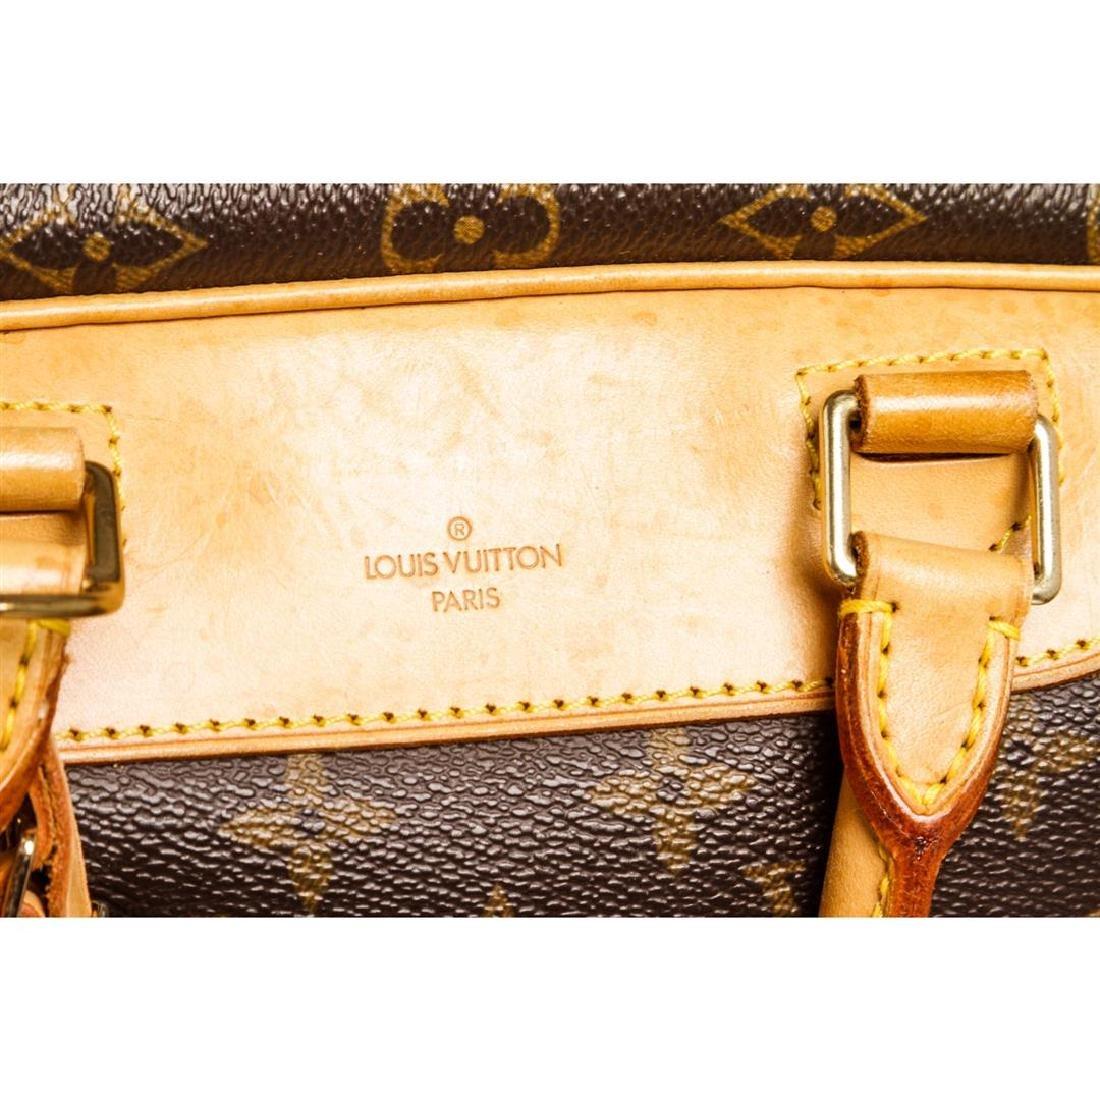 Louis Vuitton Monogram Canvas Leather Deauville Doctor - 5